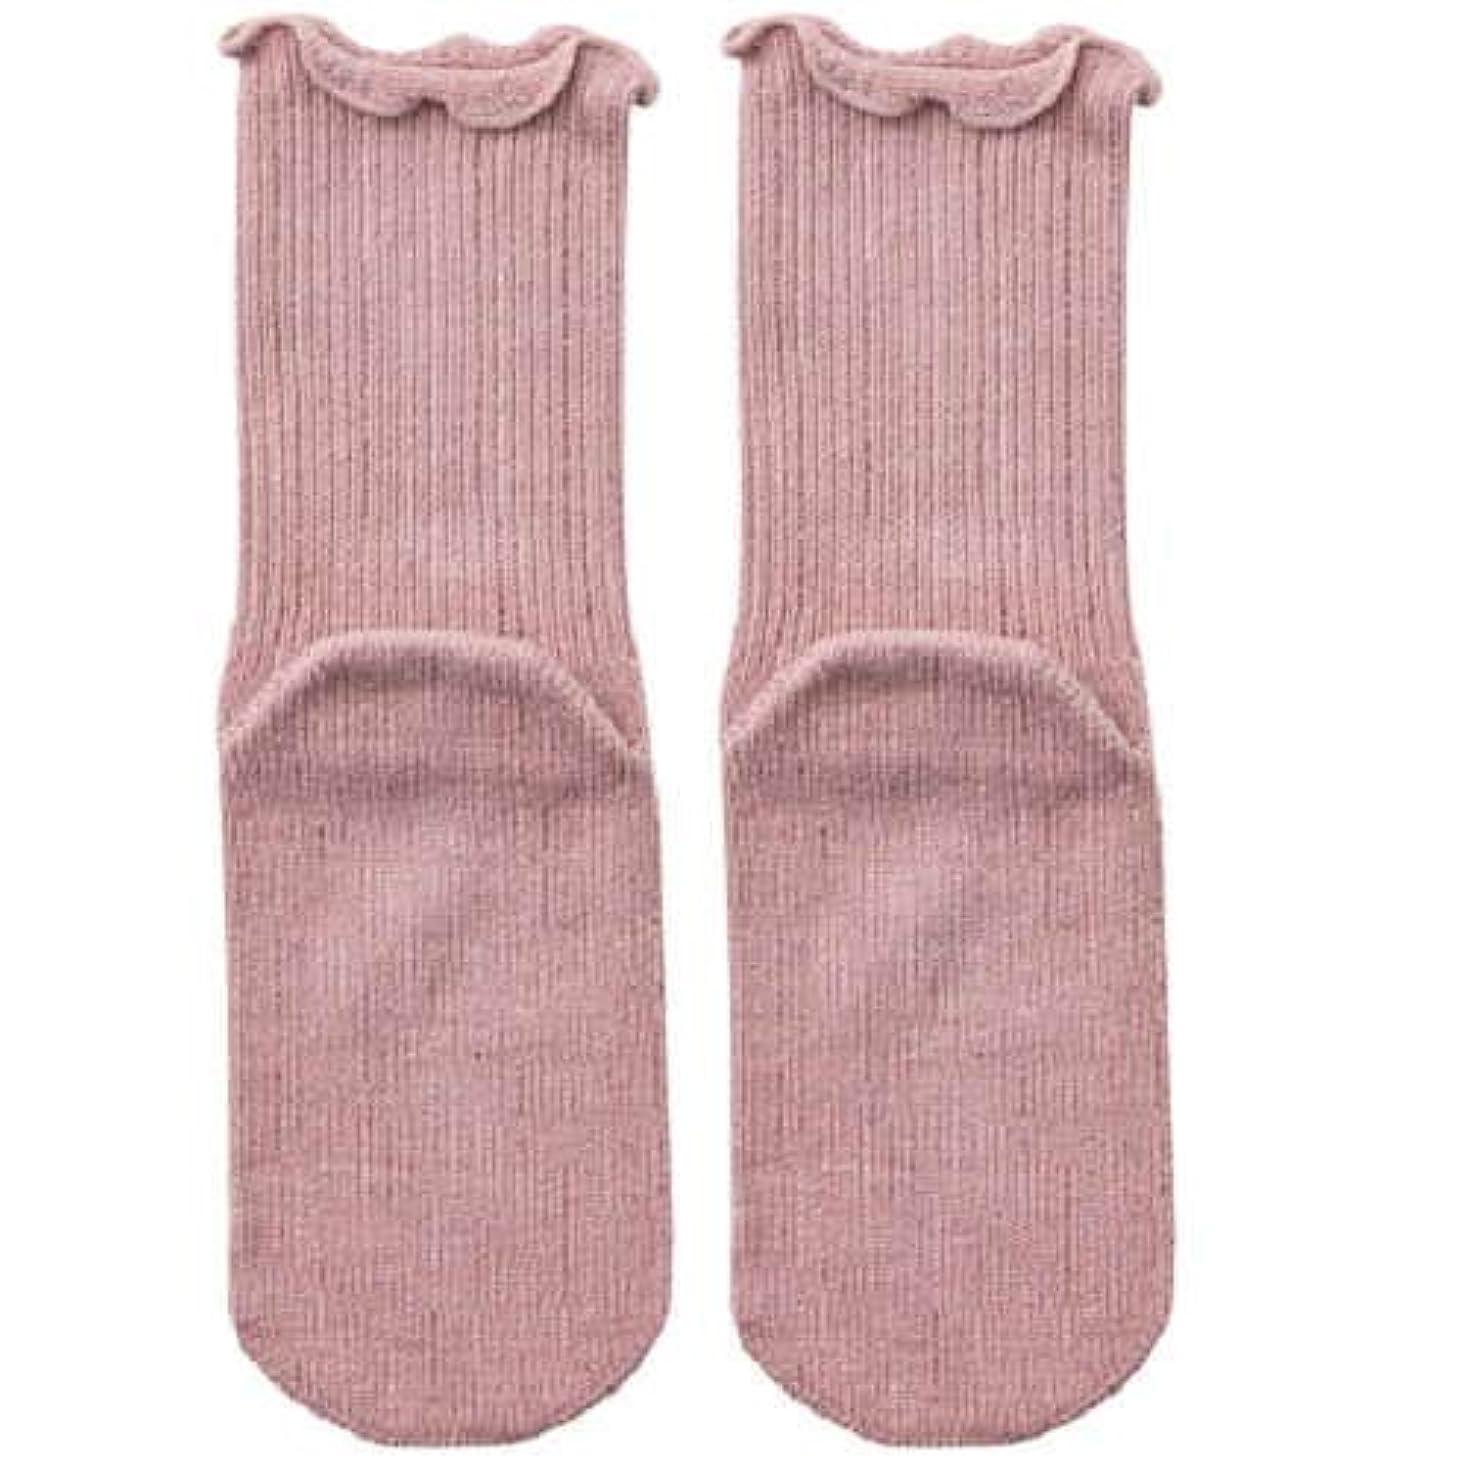 に沿って泣いている解任【むくみ】【骨折】 男女兼用 極上しめつけません 特大サイズ 靴下 (ローズ)